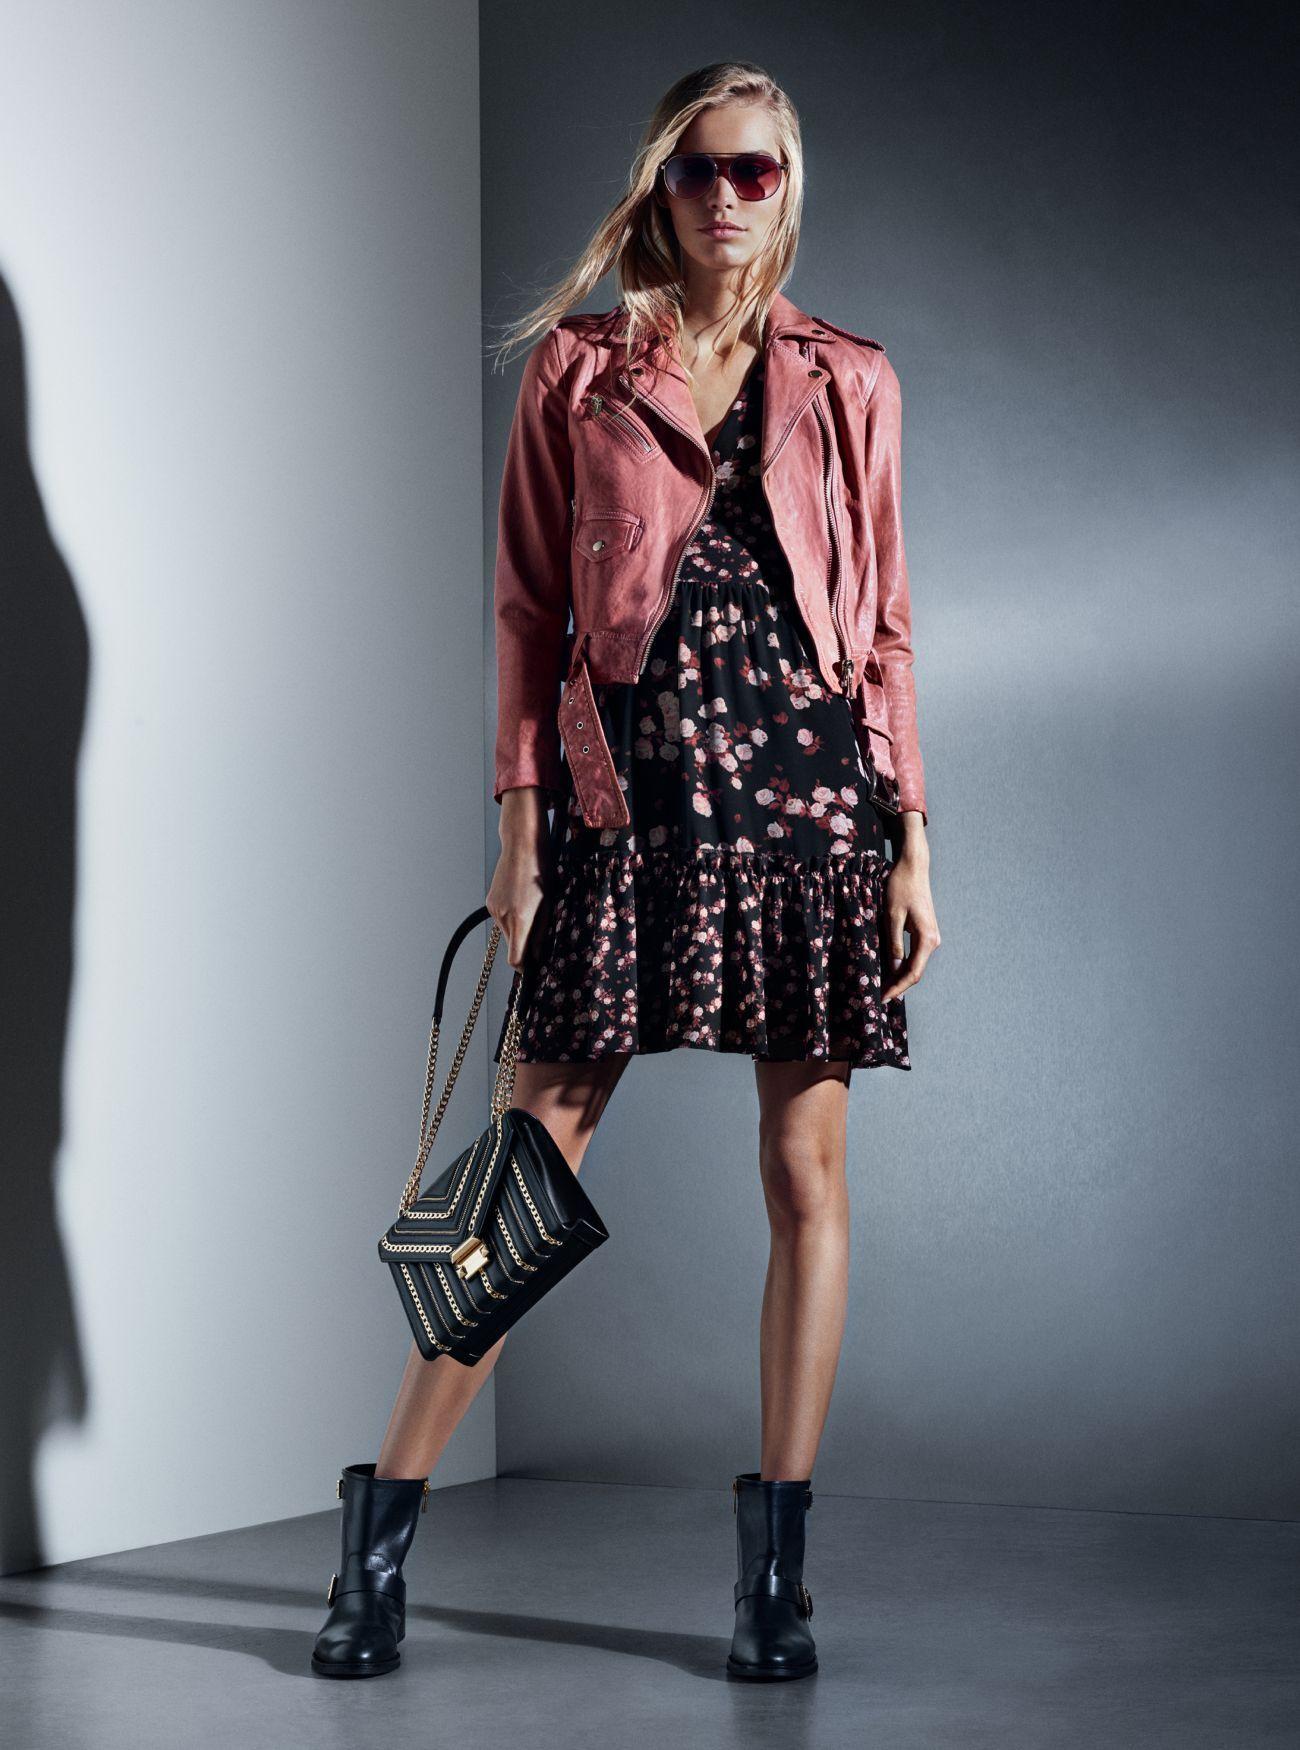 Moto Jacket, Rose Dress, Whitney